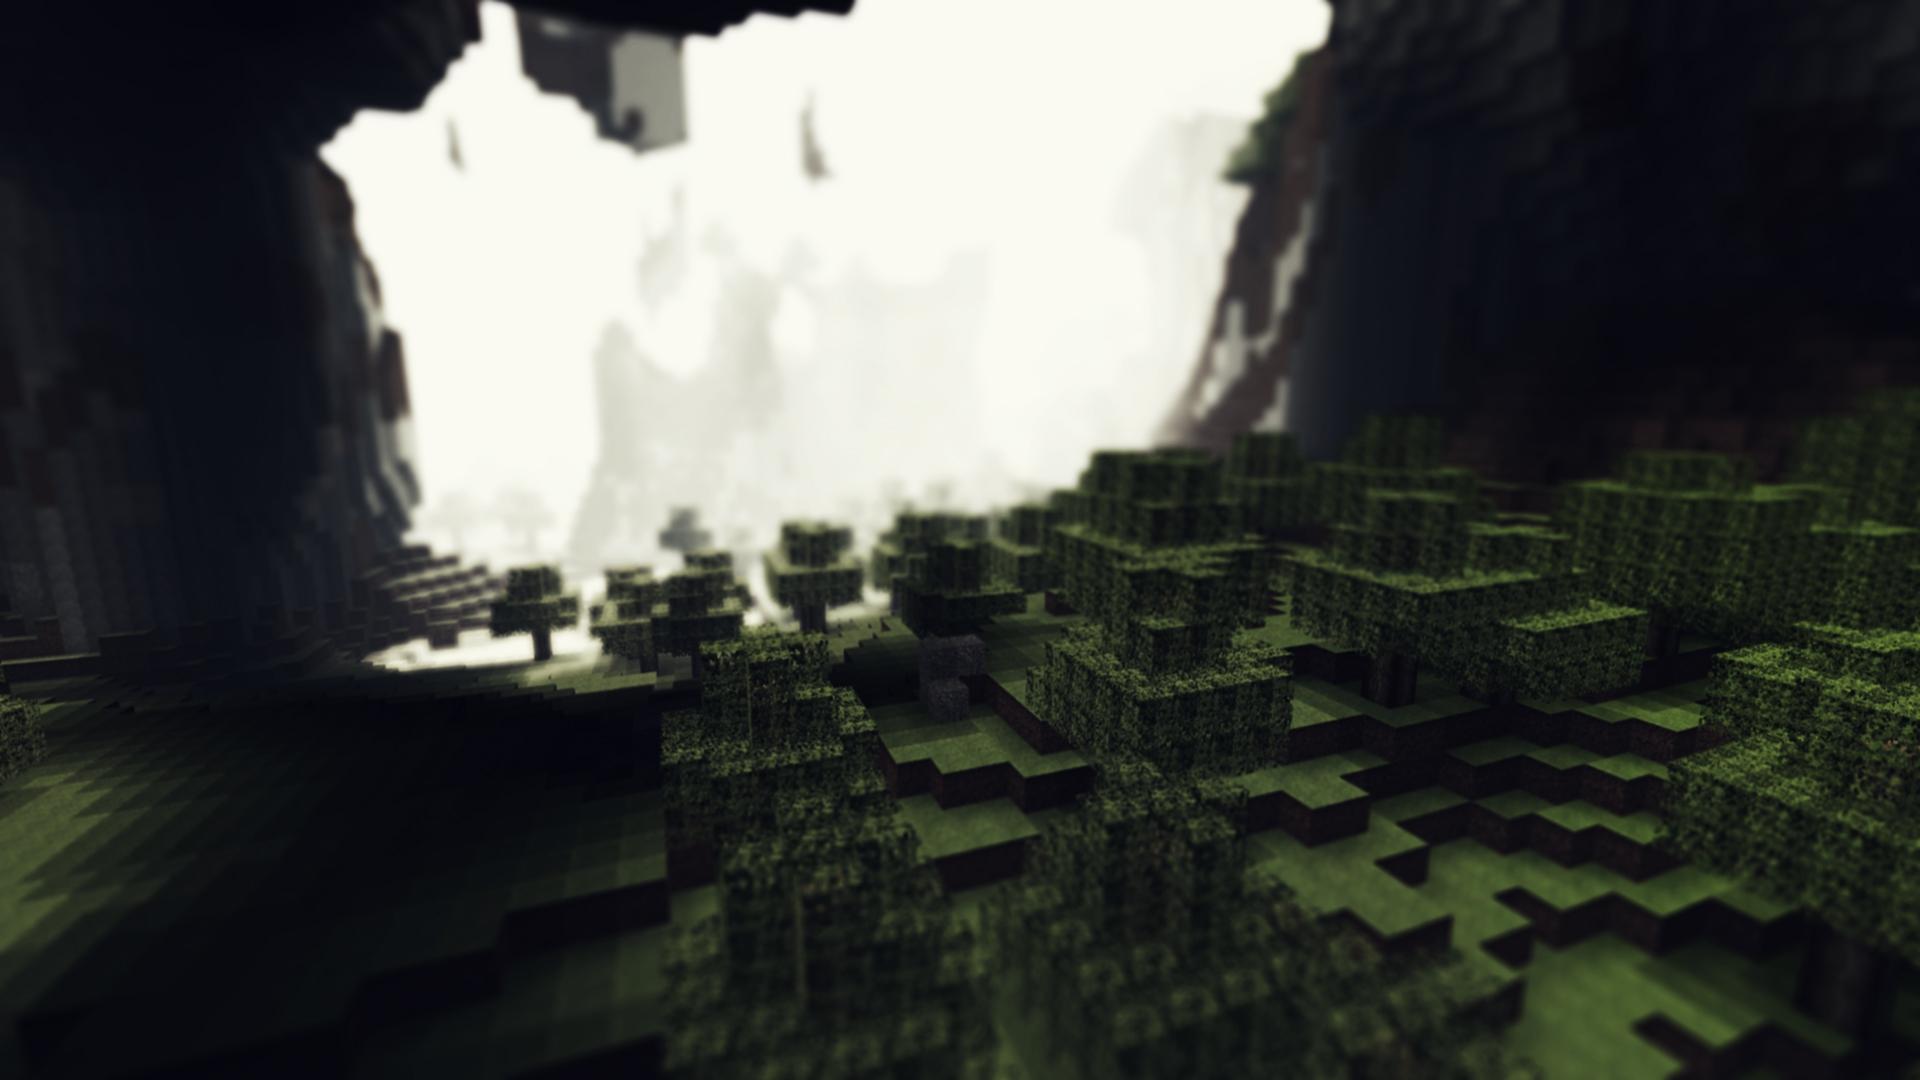 Most Inspiring Wallpaper Minecraft Art - Minecraft-cave-jungle-ground-Terrain-darkness-screenshot-computer-wallpaper-cubes-728509  Trends_85632.jpg